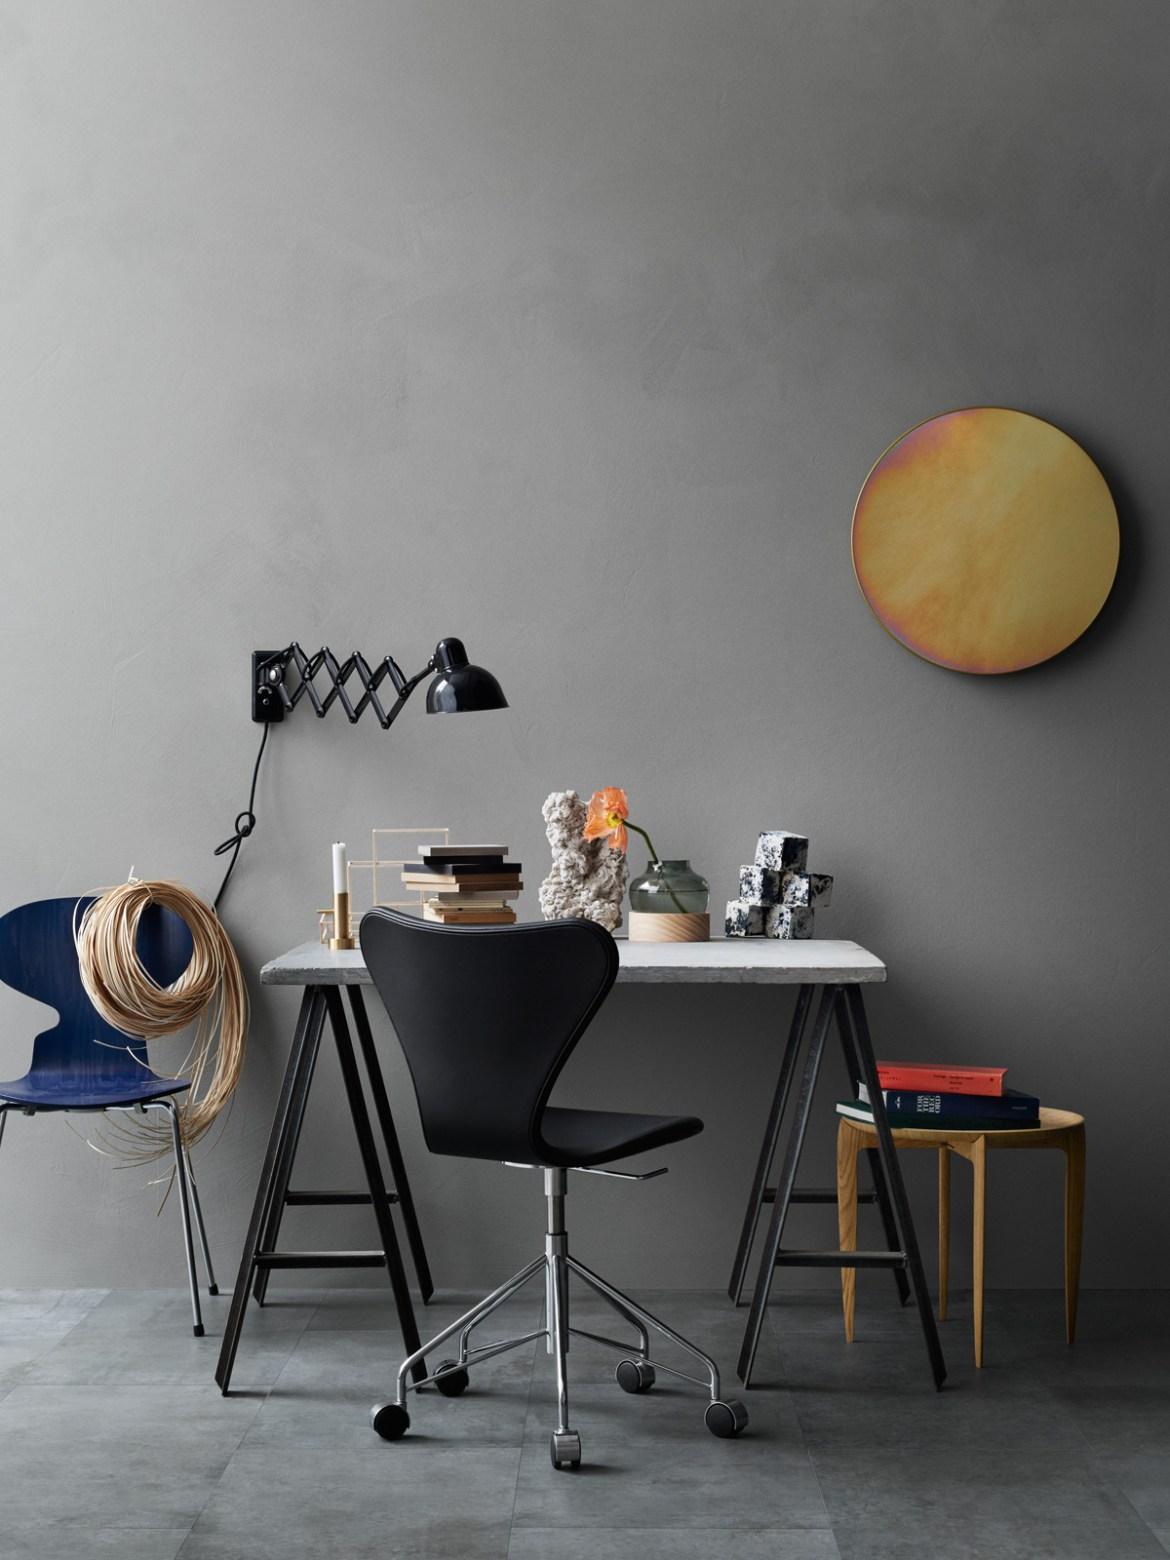 DesignOrt Blog: Wandleuchten X Mal Anders Kaiser Idell Wall Wandleuchte Scherenlampe Lightyears